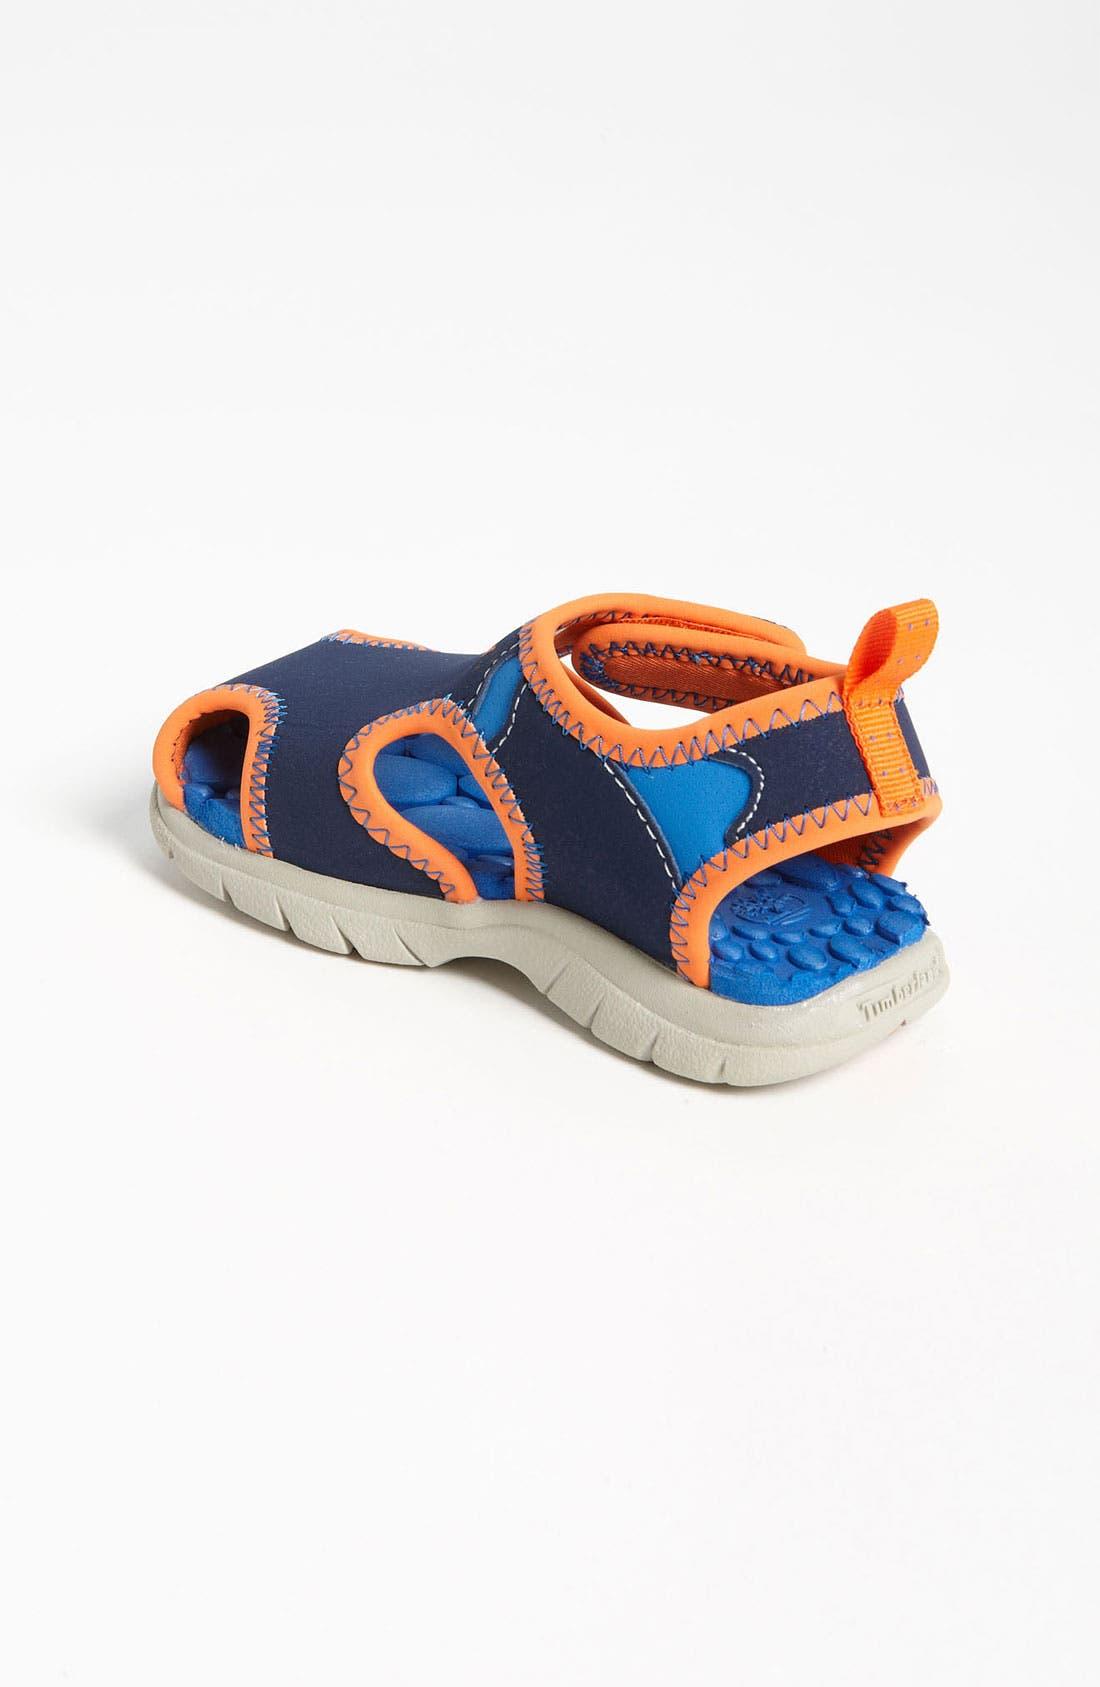 'Little Harbor' Sandal,                             Alternate thumbnail 2, color,                             Navy/ Orange